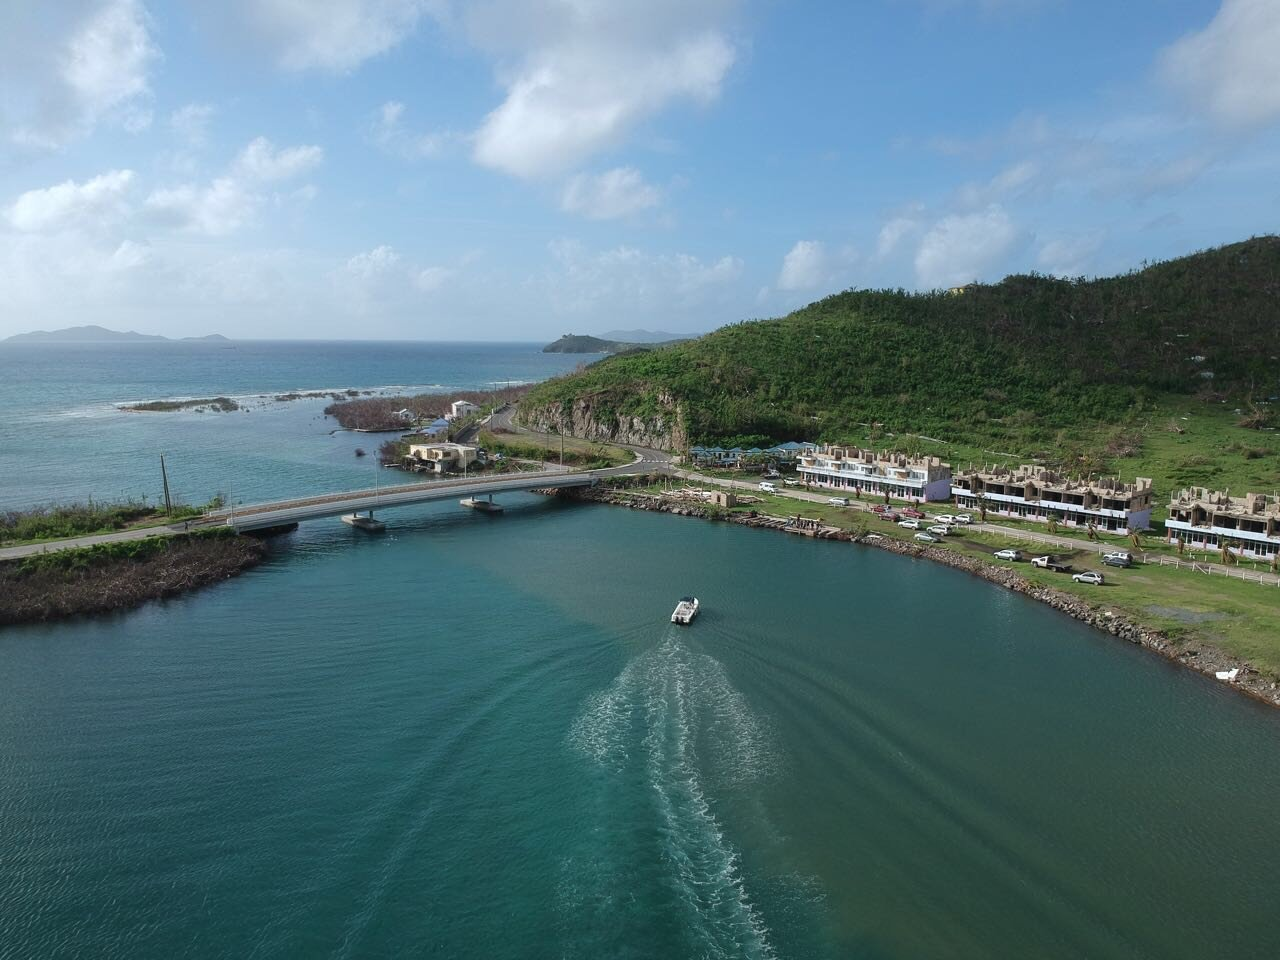 Queen Elizabeth II Bridge (joining Beef Island to Tortola) in Tortola  photo by Alton Bertie